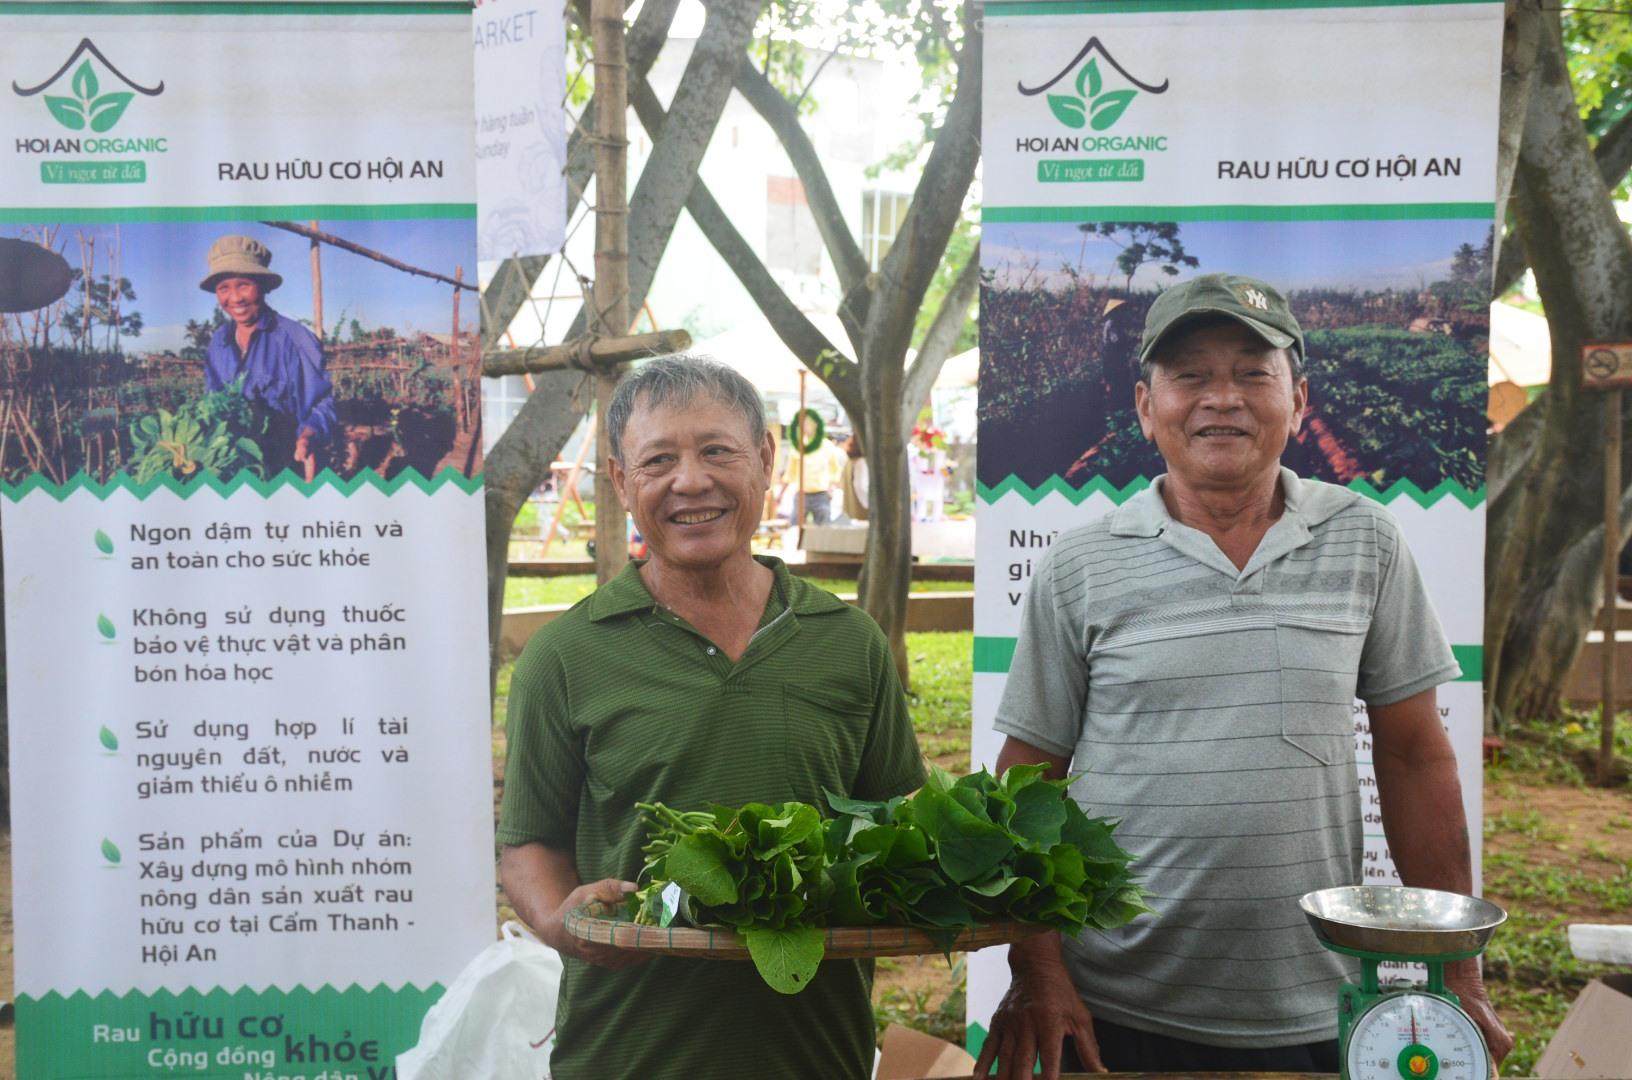 Dịch vụ trải nghiệm nông nghiệp của Hợp tác xã rau hữu cơ và du lịch Thanh Đông là sản phẩm OCOP thuộc nhóm du lịch - dịch vụ đã phát triển khá bài bản. Ảnh: Q.T